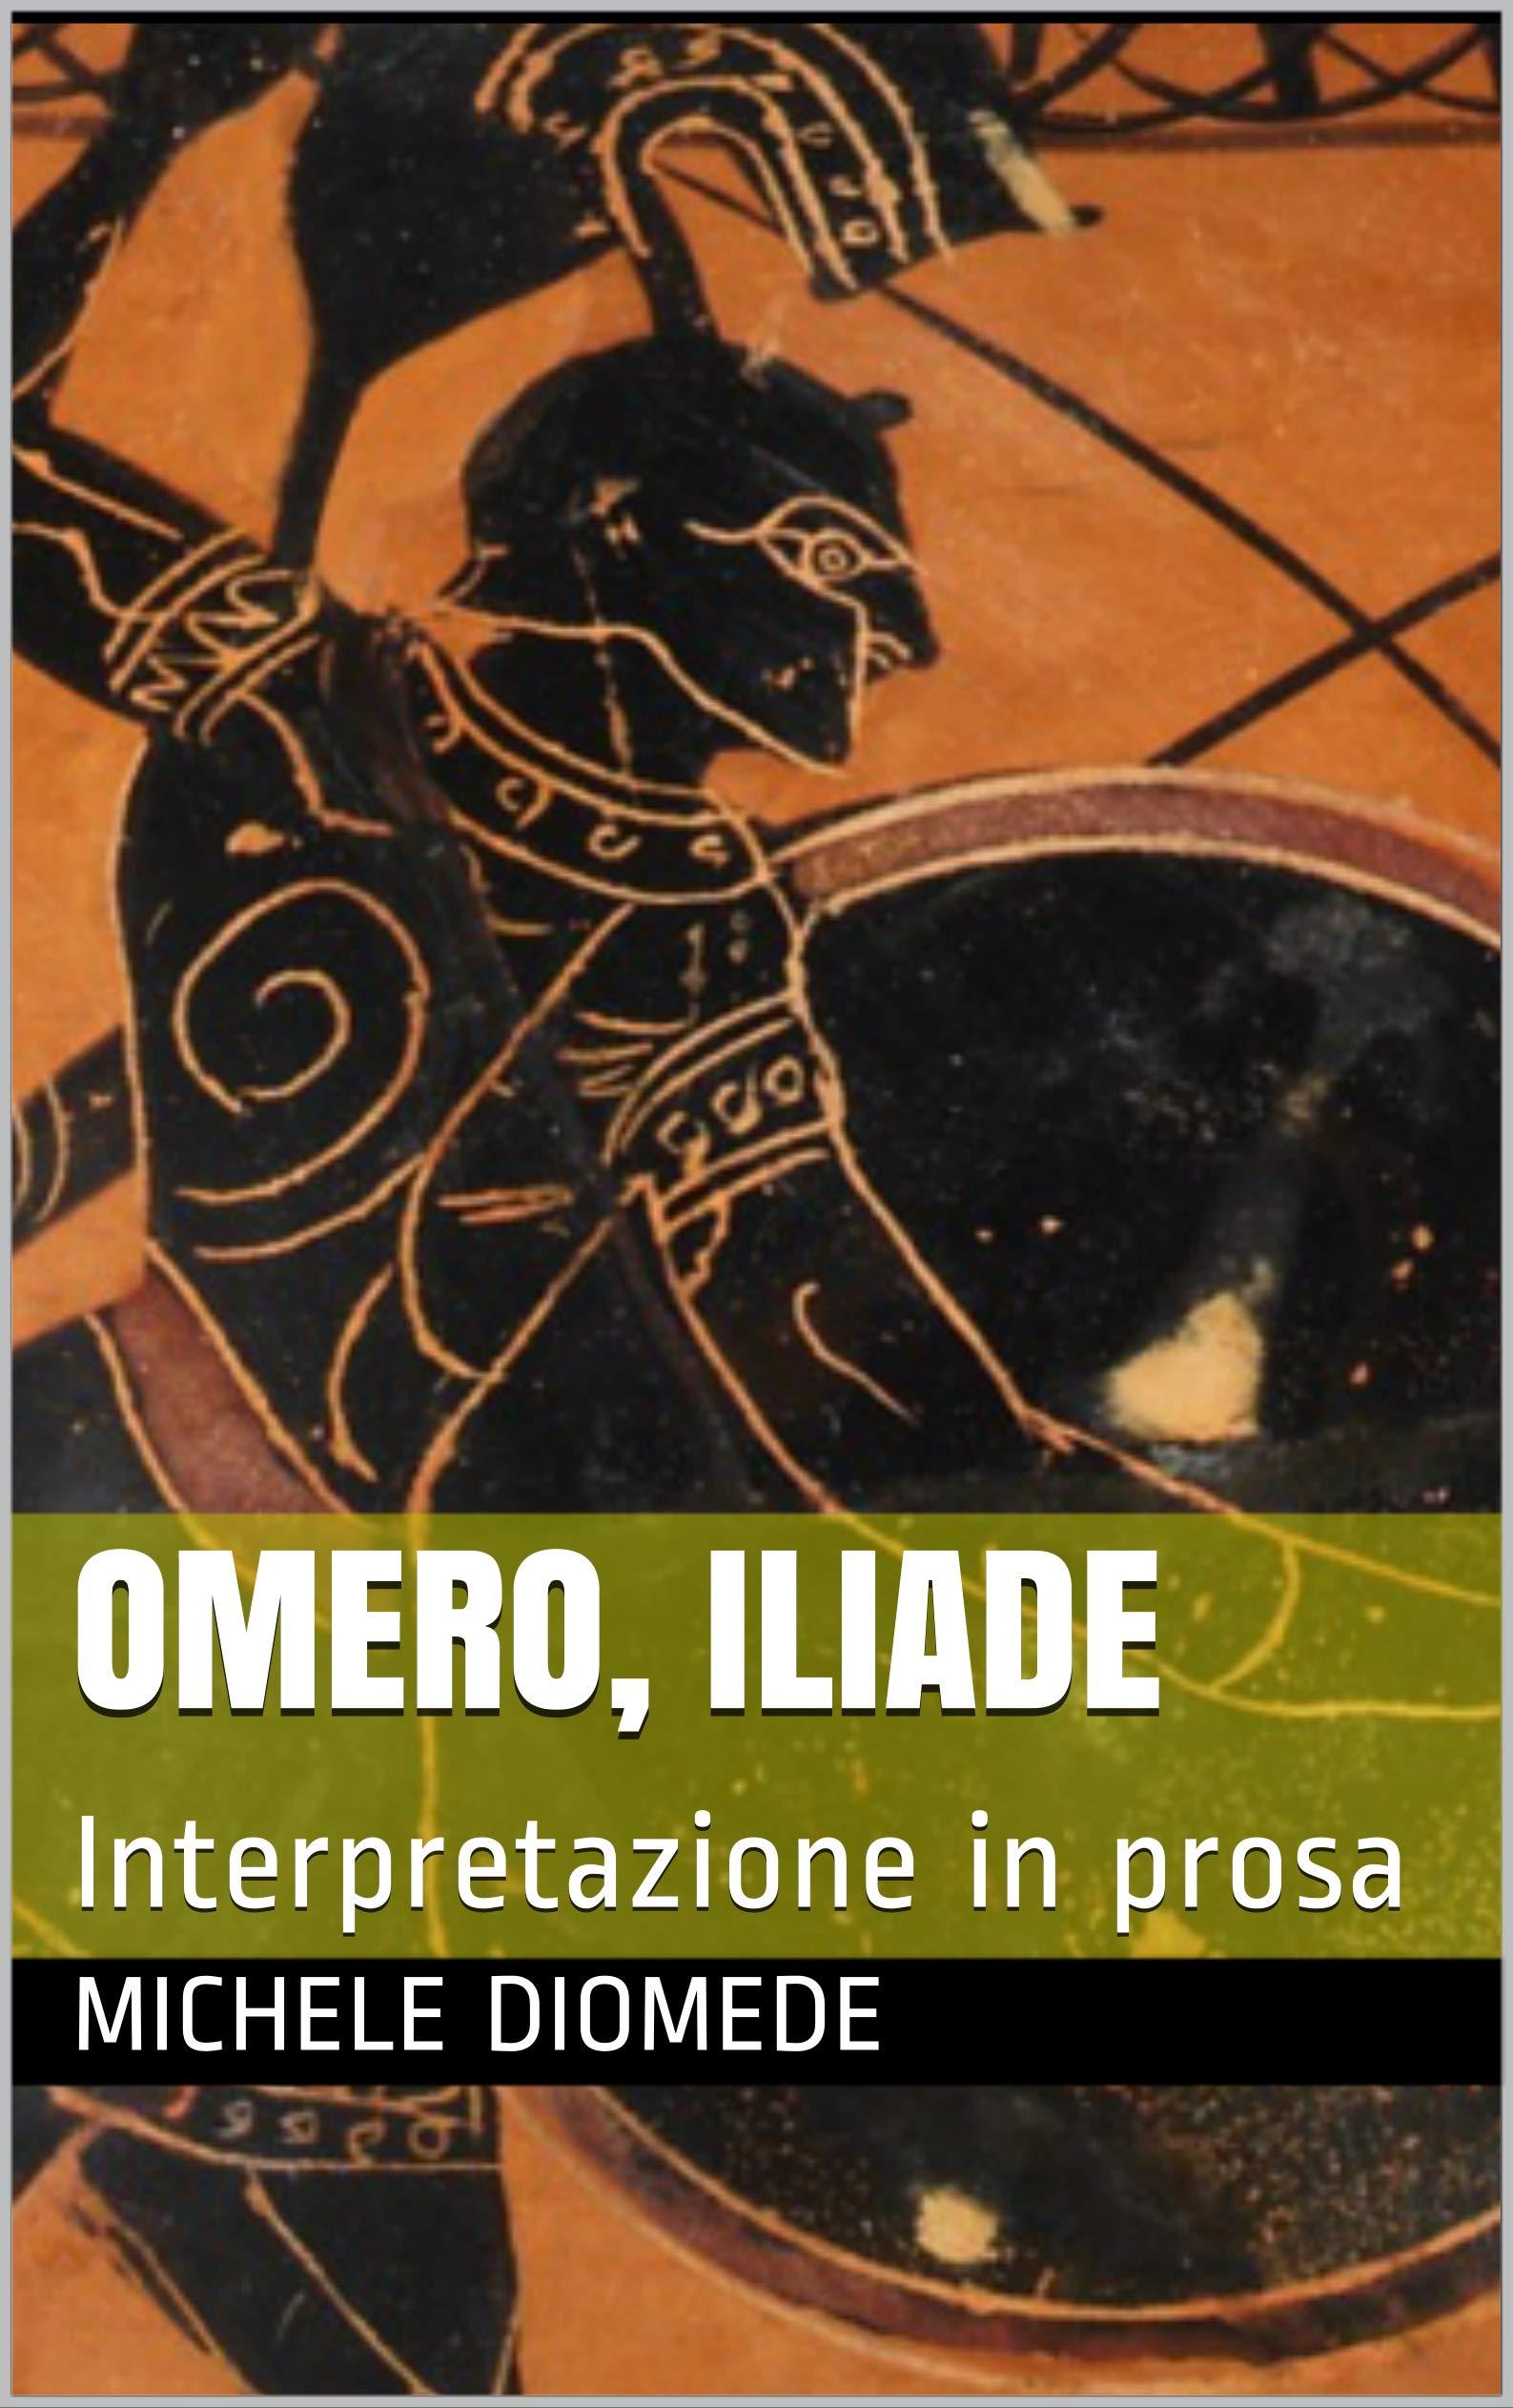 Omero, Iliade: Interpretazione in prosa